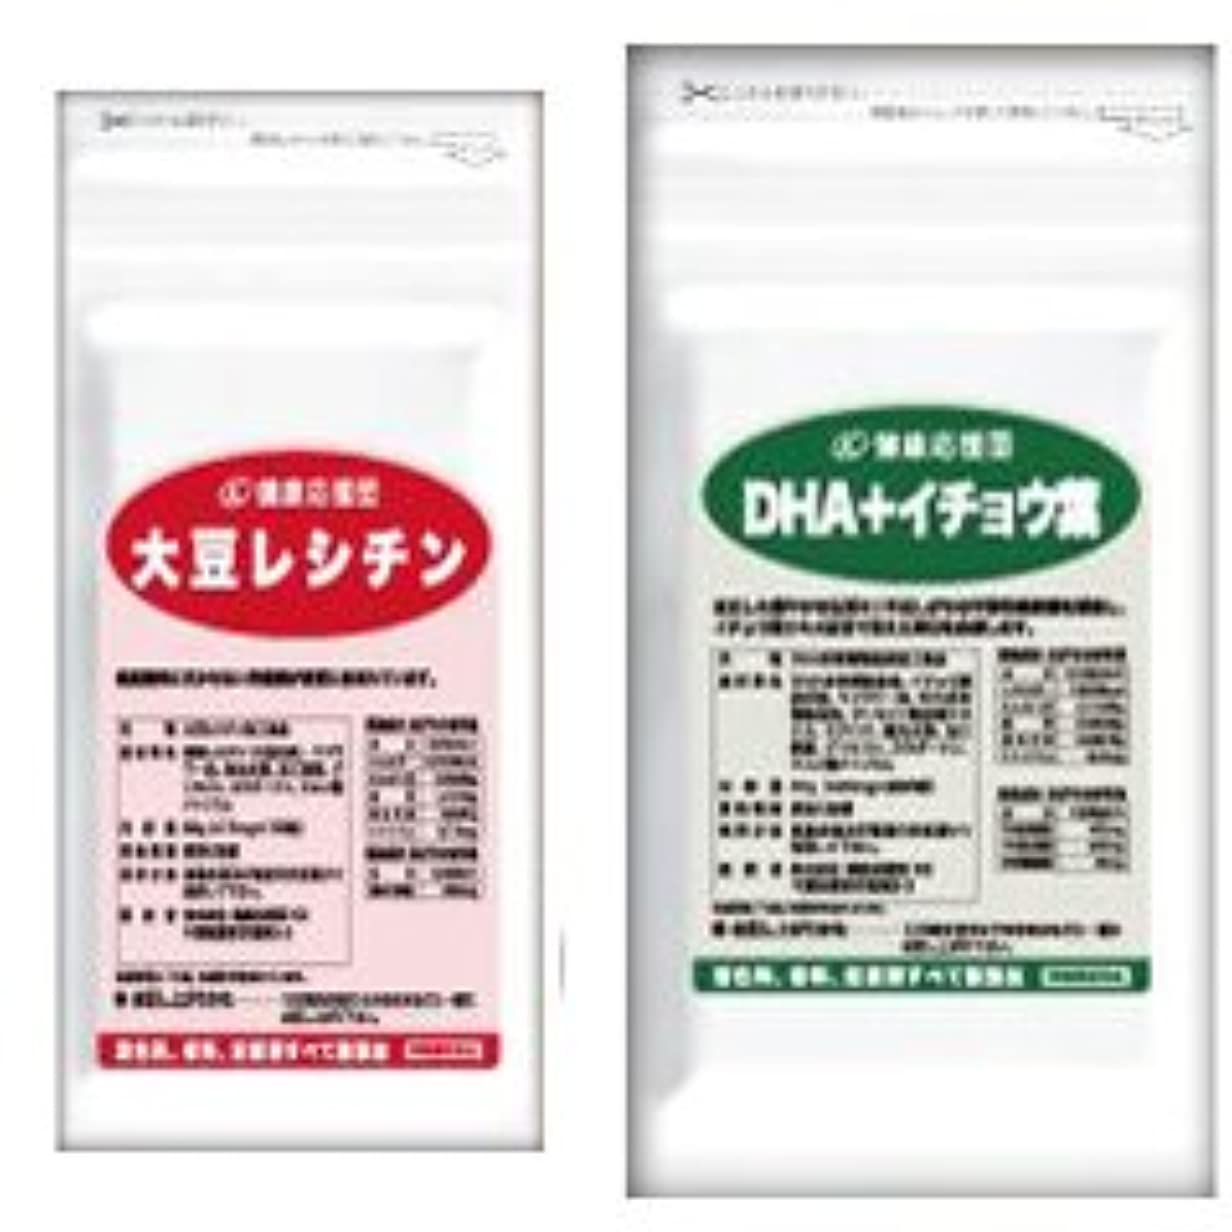 嵐の証明脱臼する(お徳用3か月分)流れサラサラセット 大豆レシチン+(DHA+イチョウ葉)3袋&3袋セット(DHA?EPA?イチョウ葉)